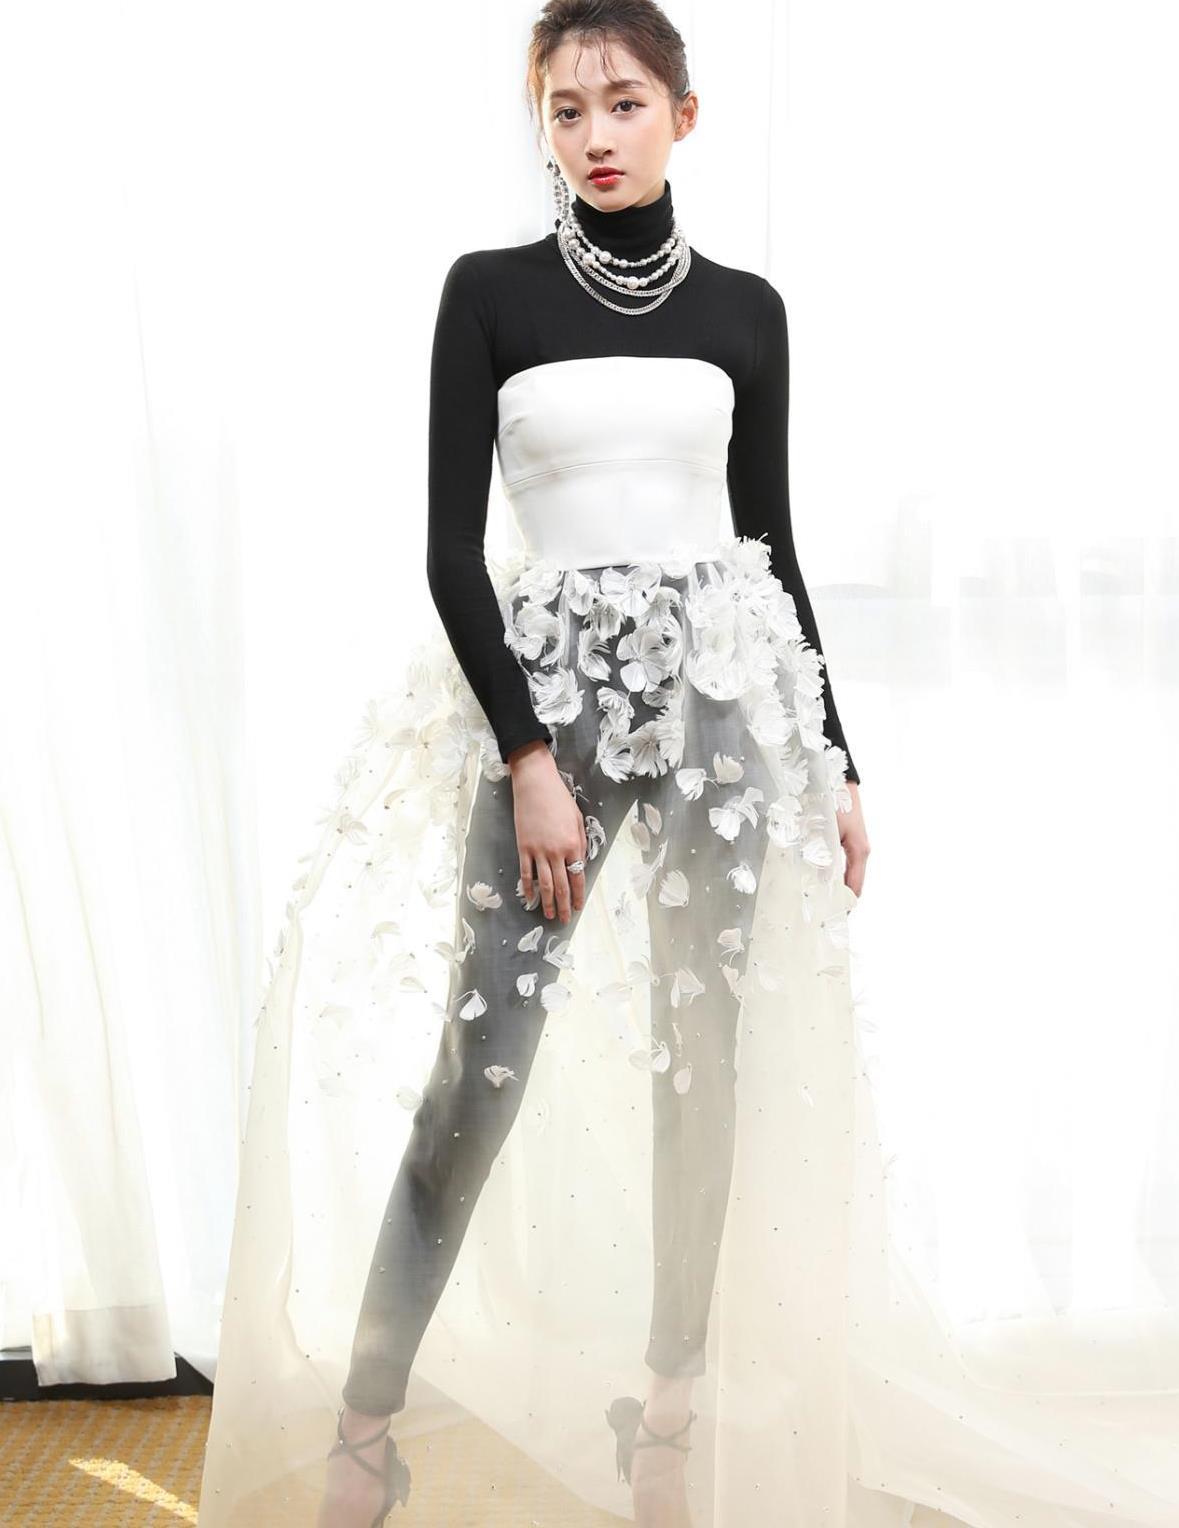 关晓彤衣品越来越好,一身黑裙出席活动,抓拍生图也很美!